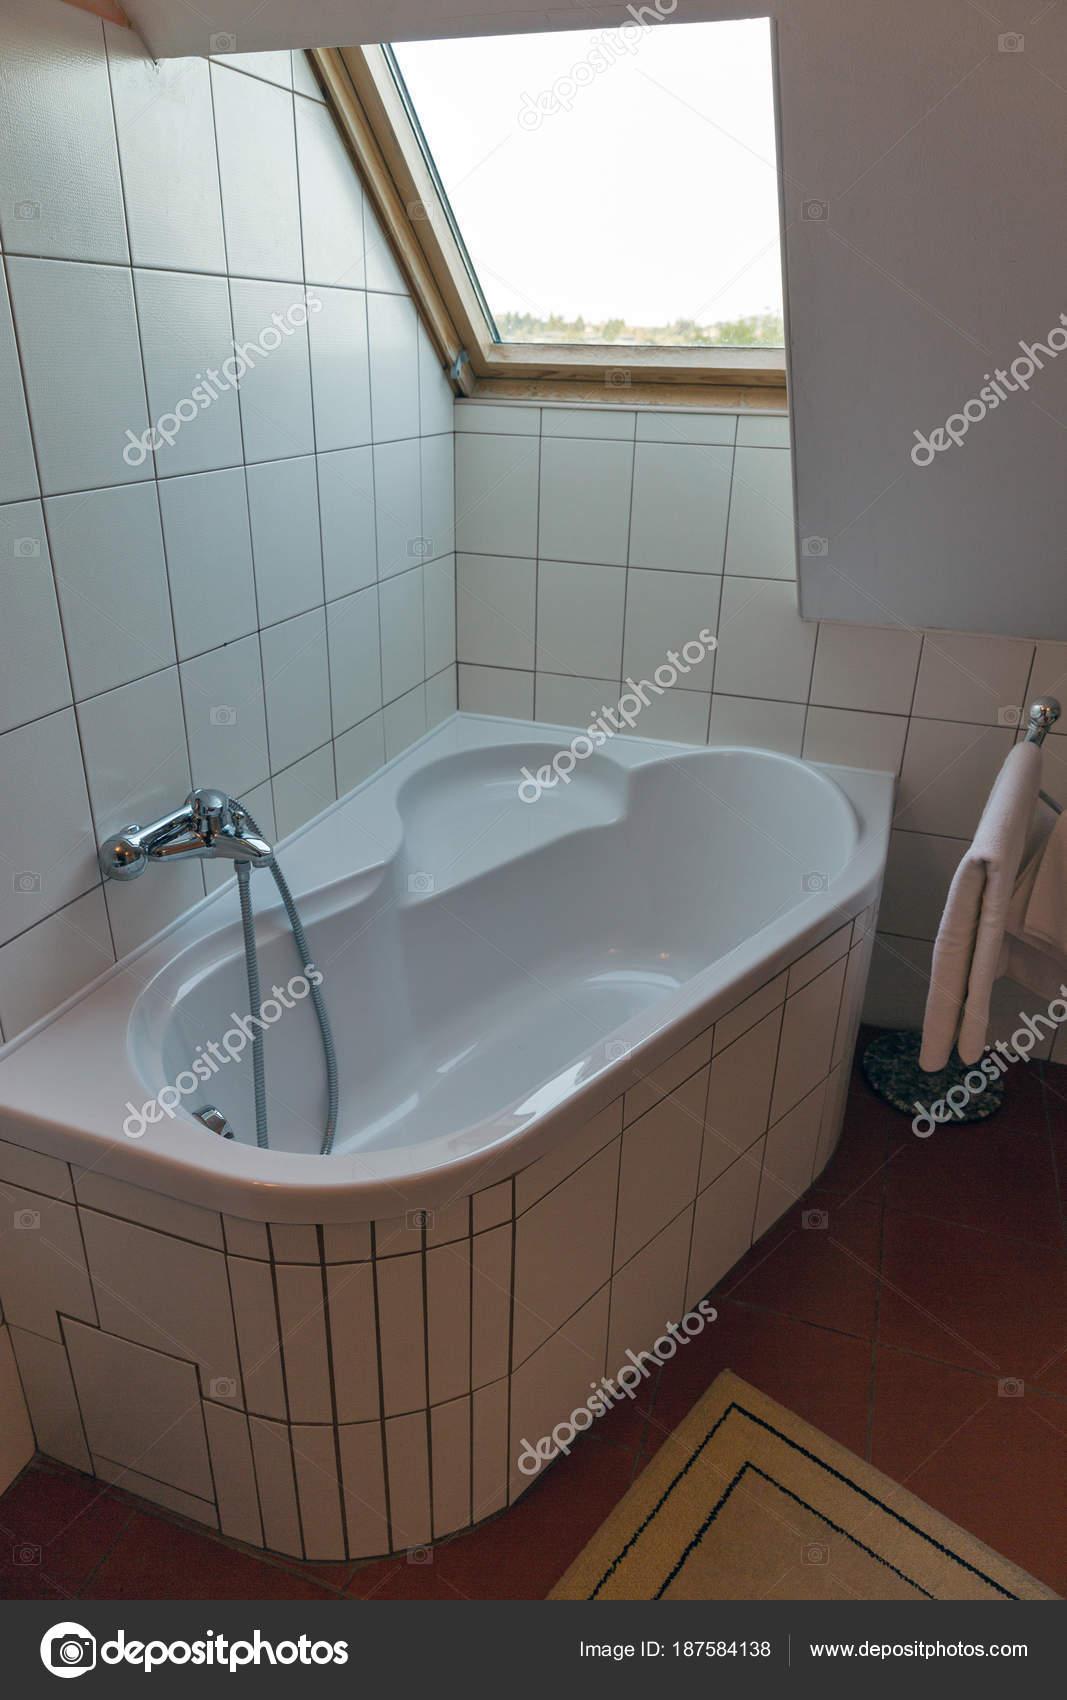 Moderne badkamer met hoekbad en venster — Stockfoto © panama7 #187584138